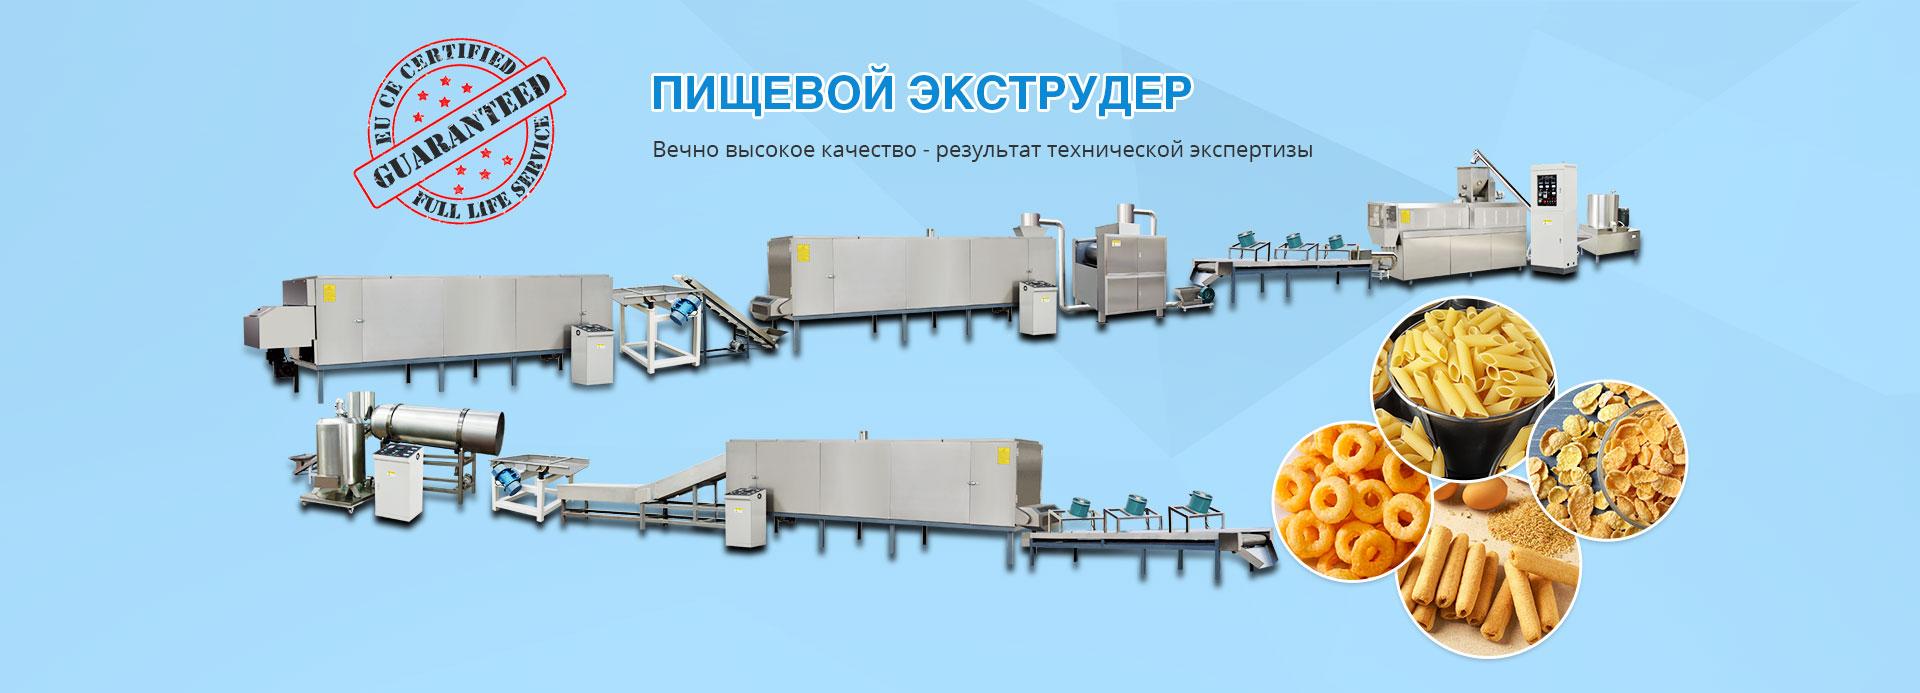 Пищевая экструдерная машина